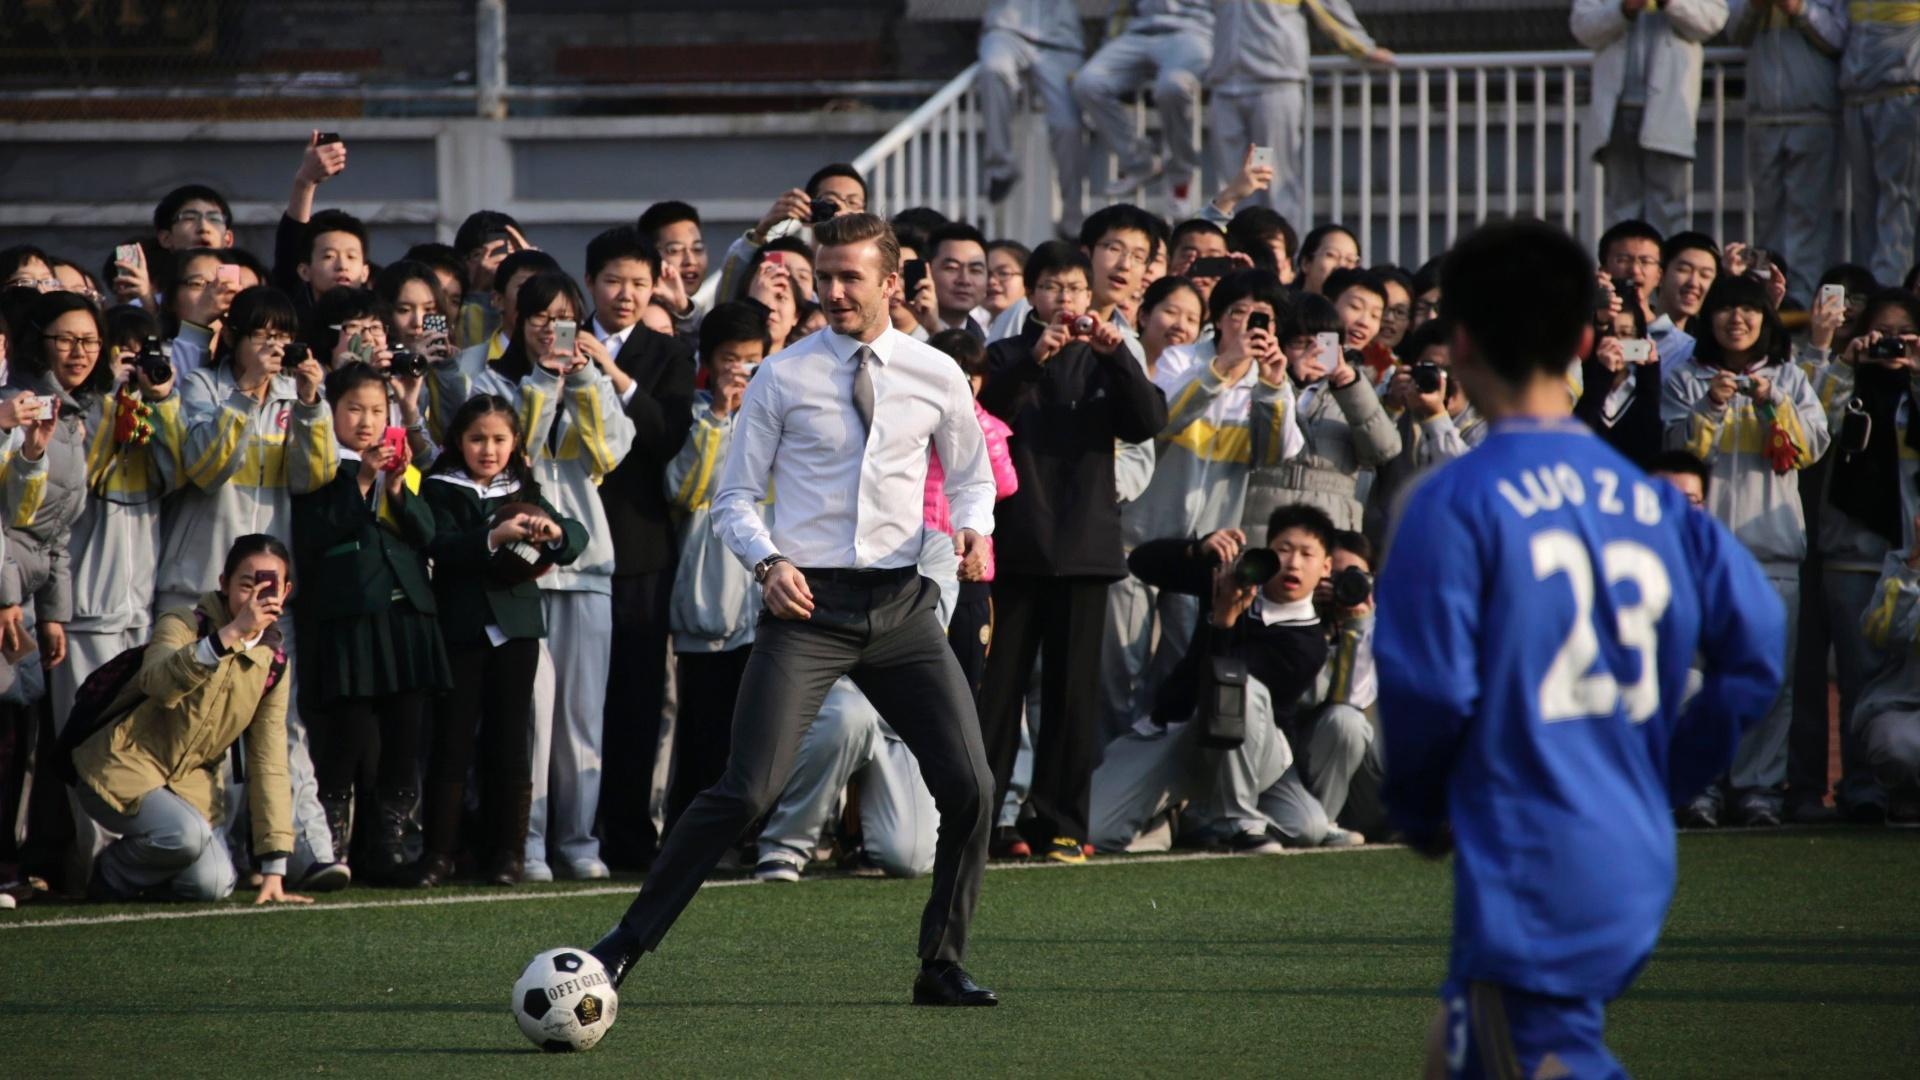 20.mar.2013 - David Beckham nem se importou com os trajes sociais e bateu bola com estudantes na China